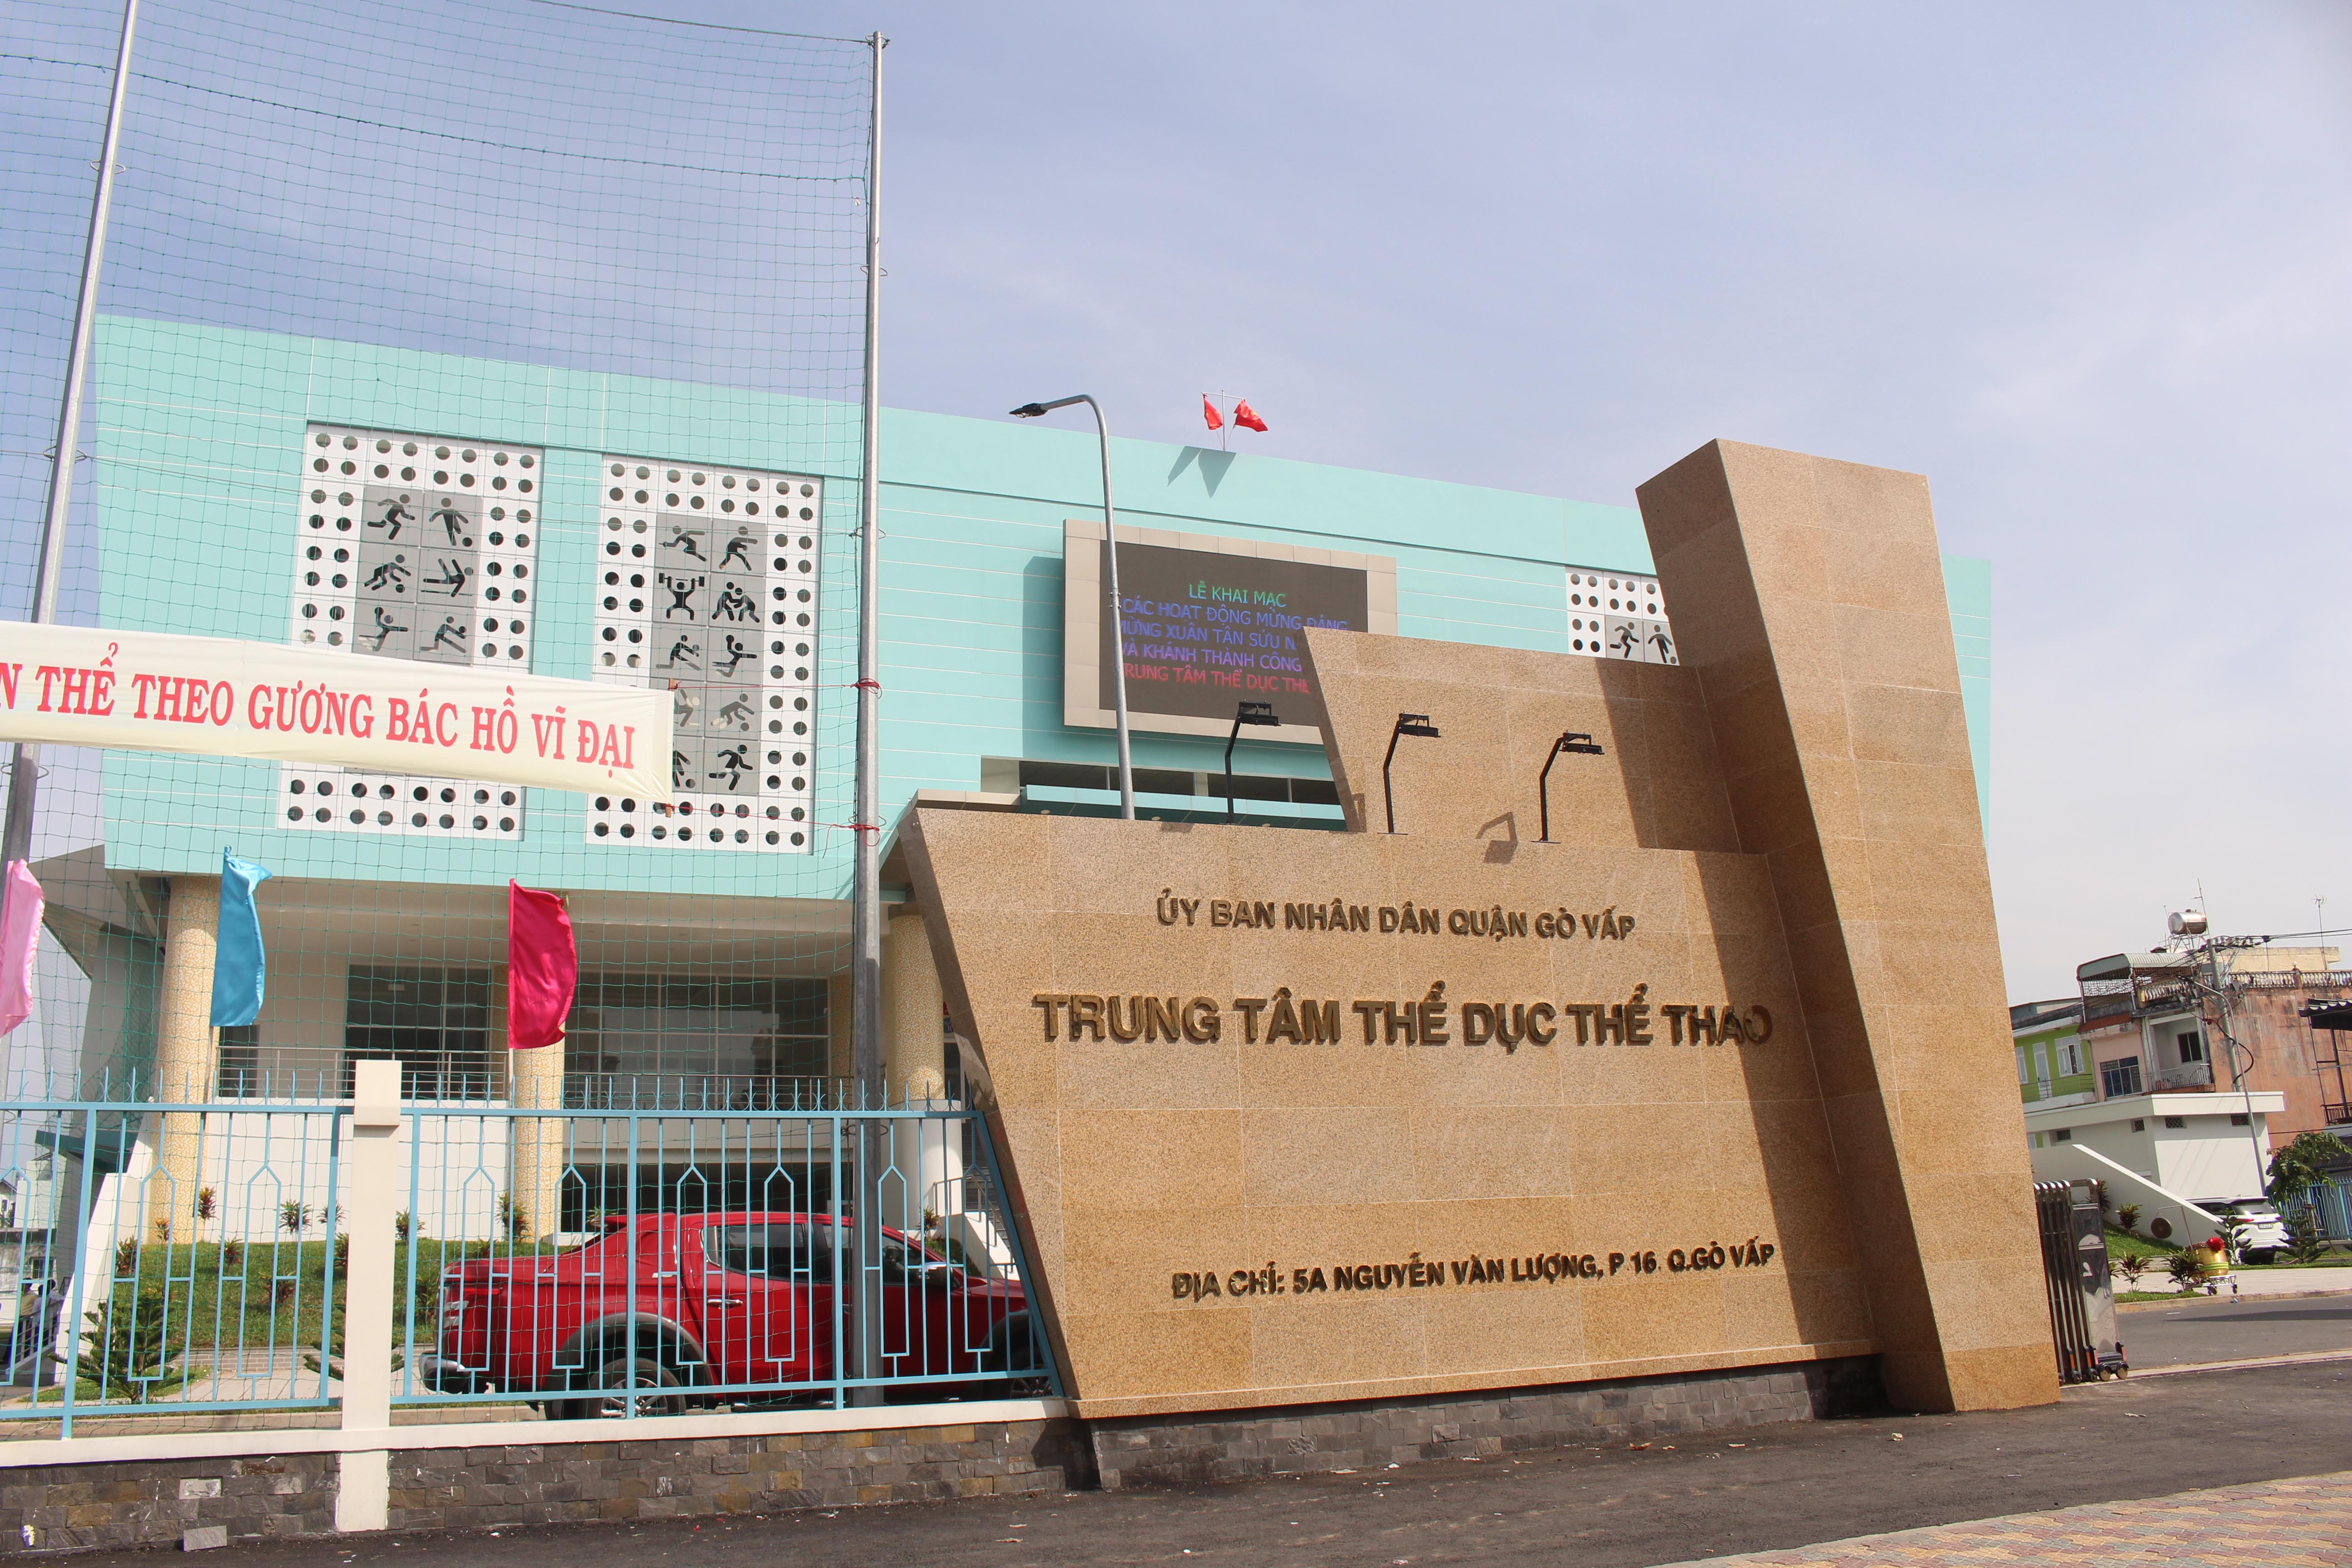 Hình ảnh: Khánh thành Trung tâm Thể dục Thể thao quận Gò Vấp số 3